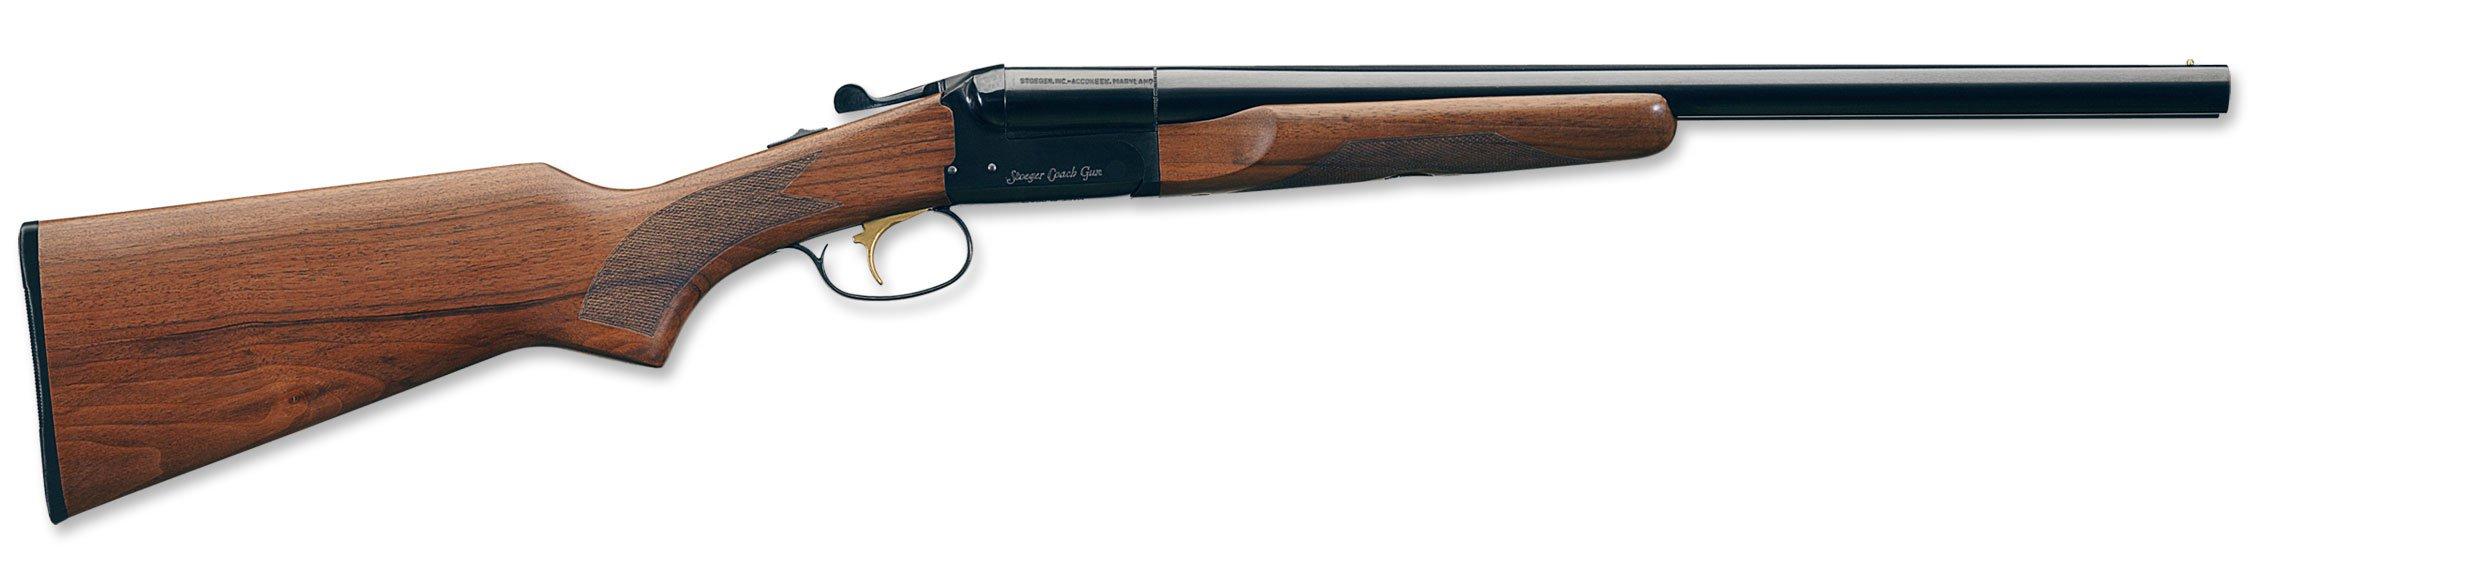 Stoeger Coach Gun SxS